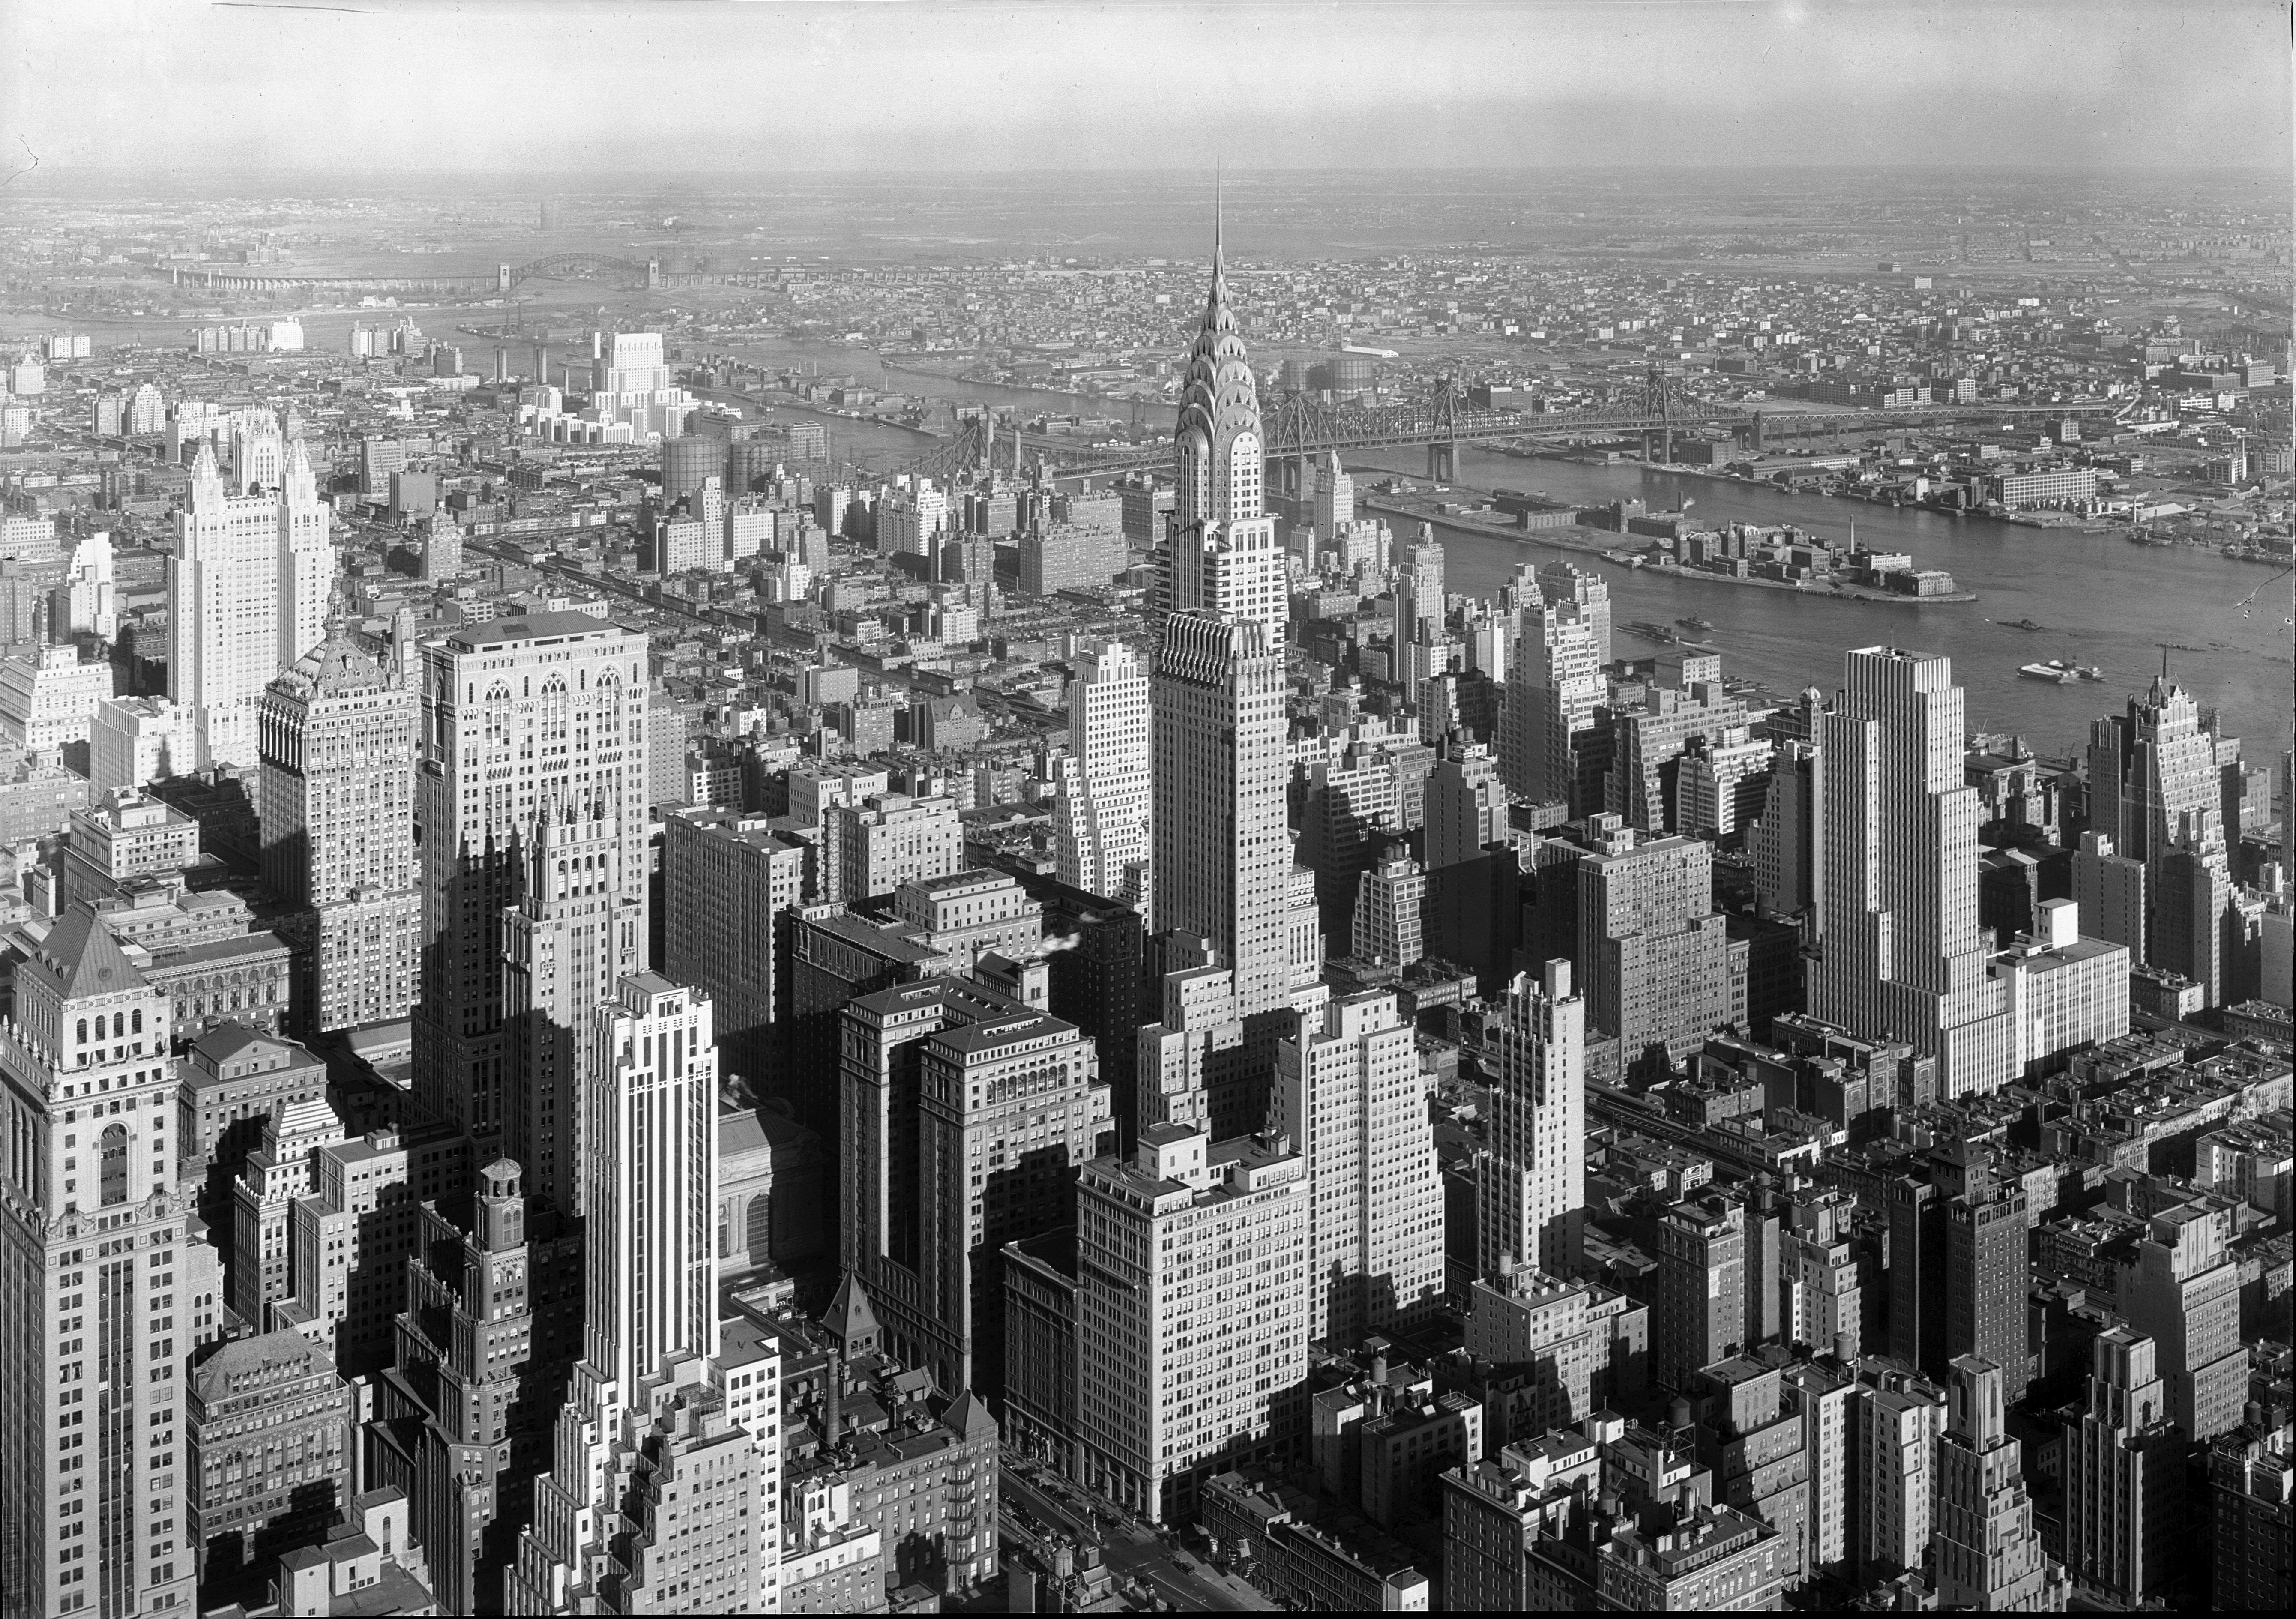 https://i1.wp.com/upload.wikimedia.org/wikipedia/commons/e/e5/Chrysler_Building_Midtown_Manhattan_New_York_City_1932.jpg